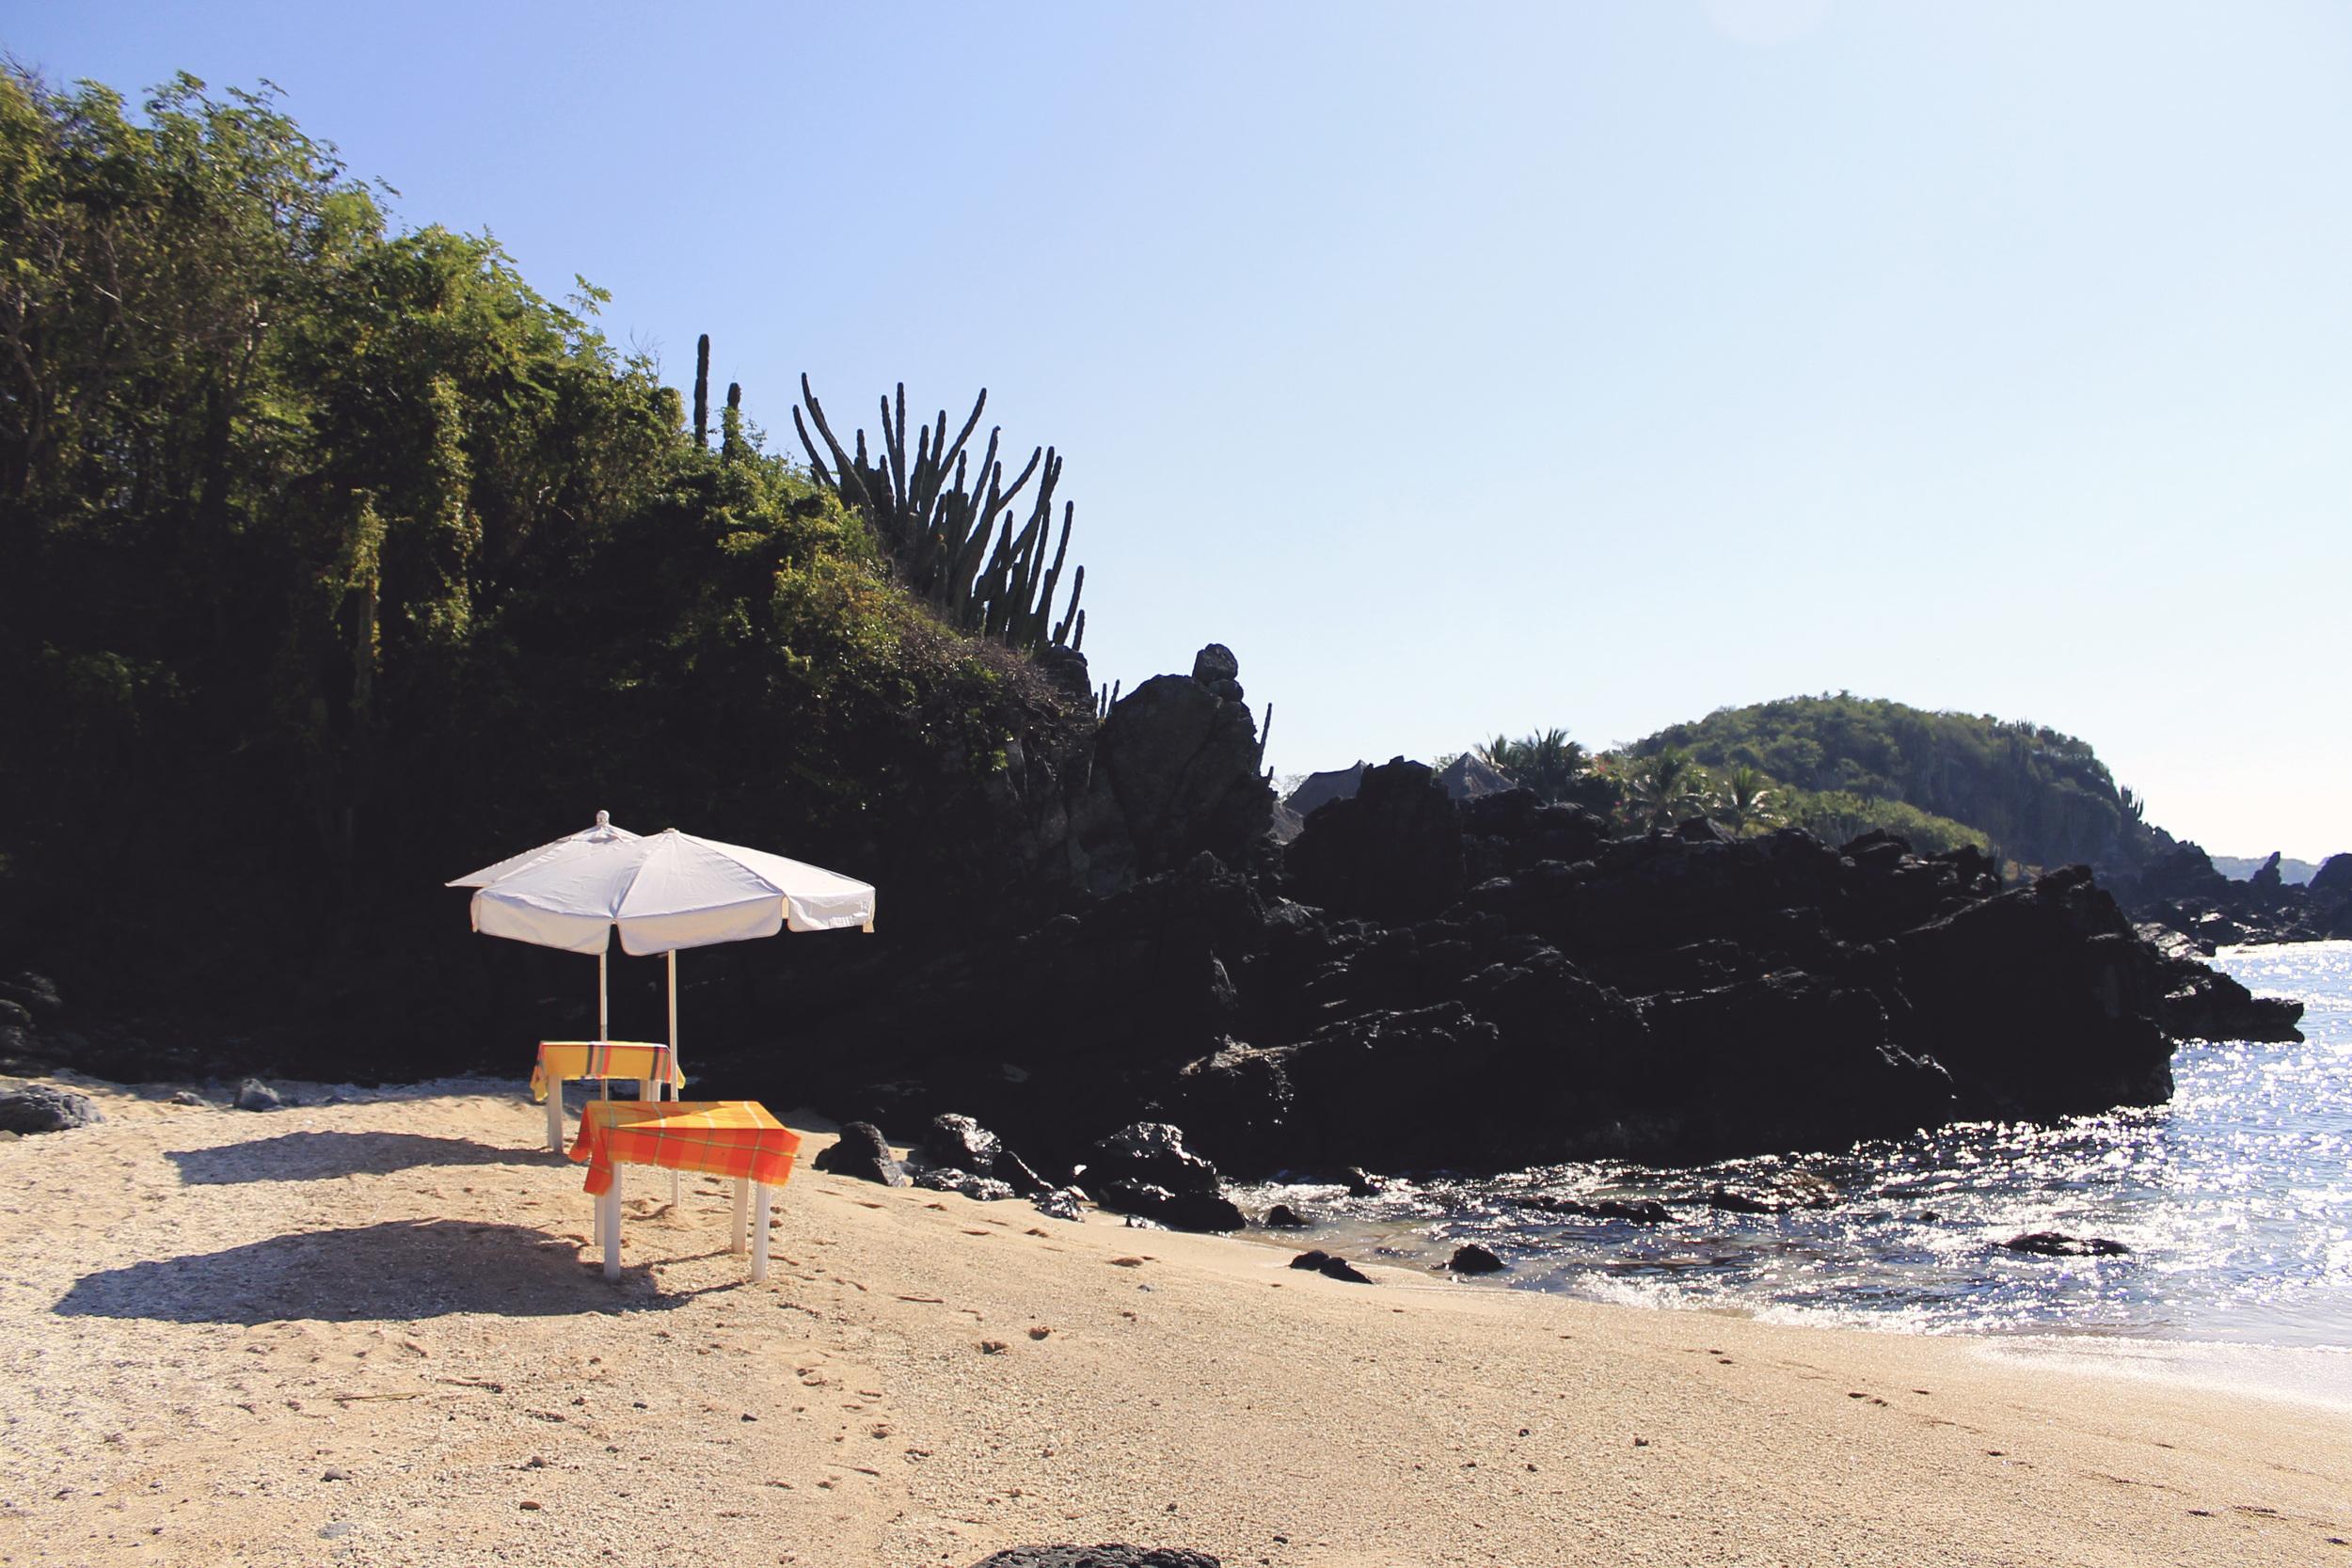 ixtapa mexico island beach umbrella ocean